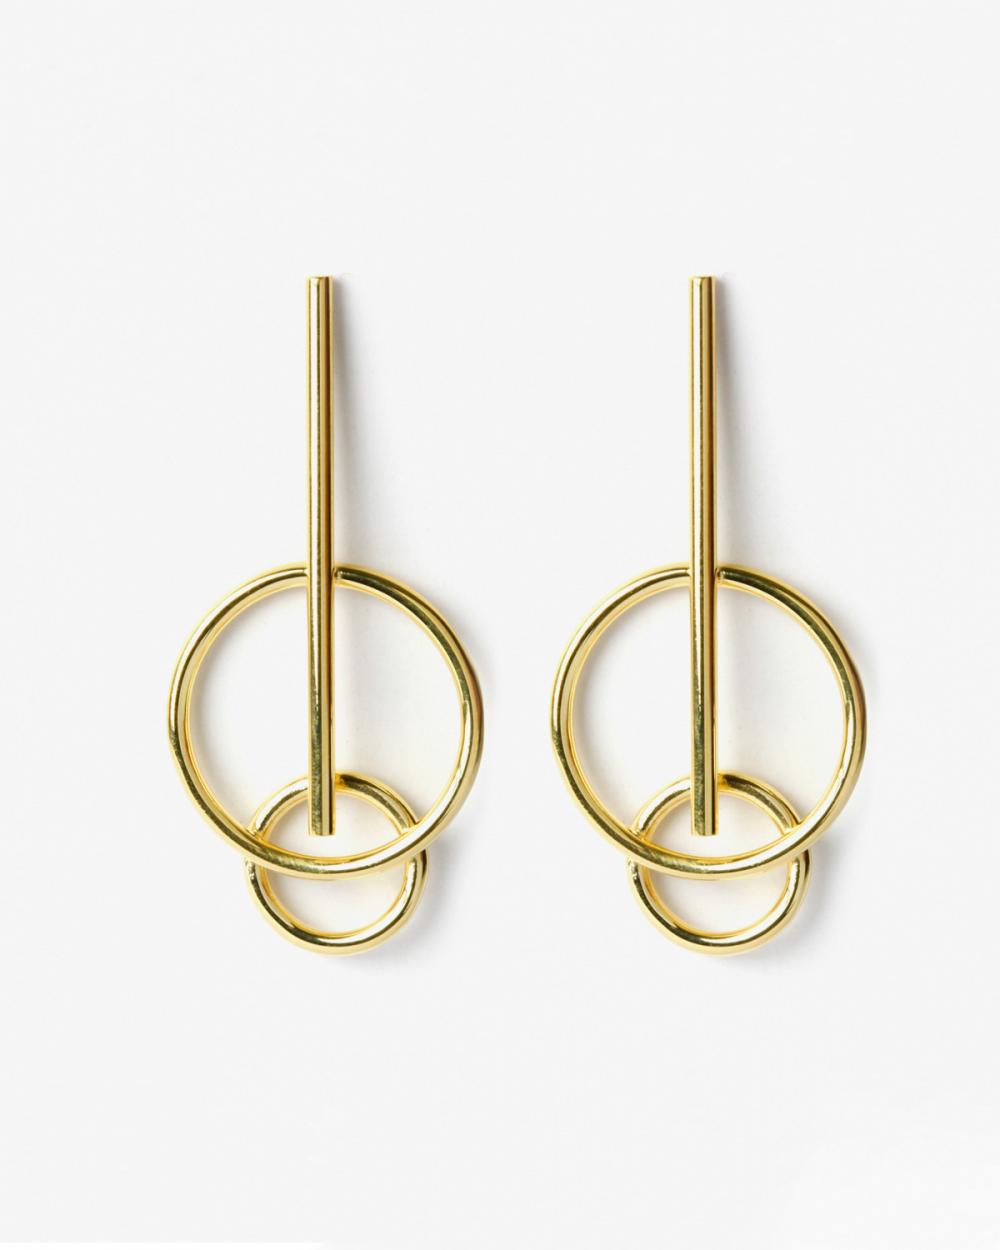 Earrings YELLOW GOLD JUPITER EARRINGS NOVE25